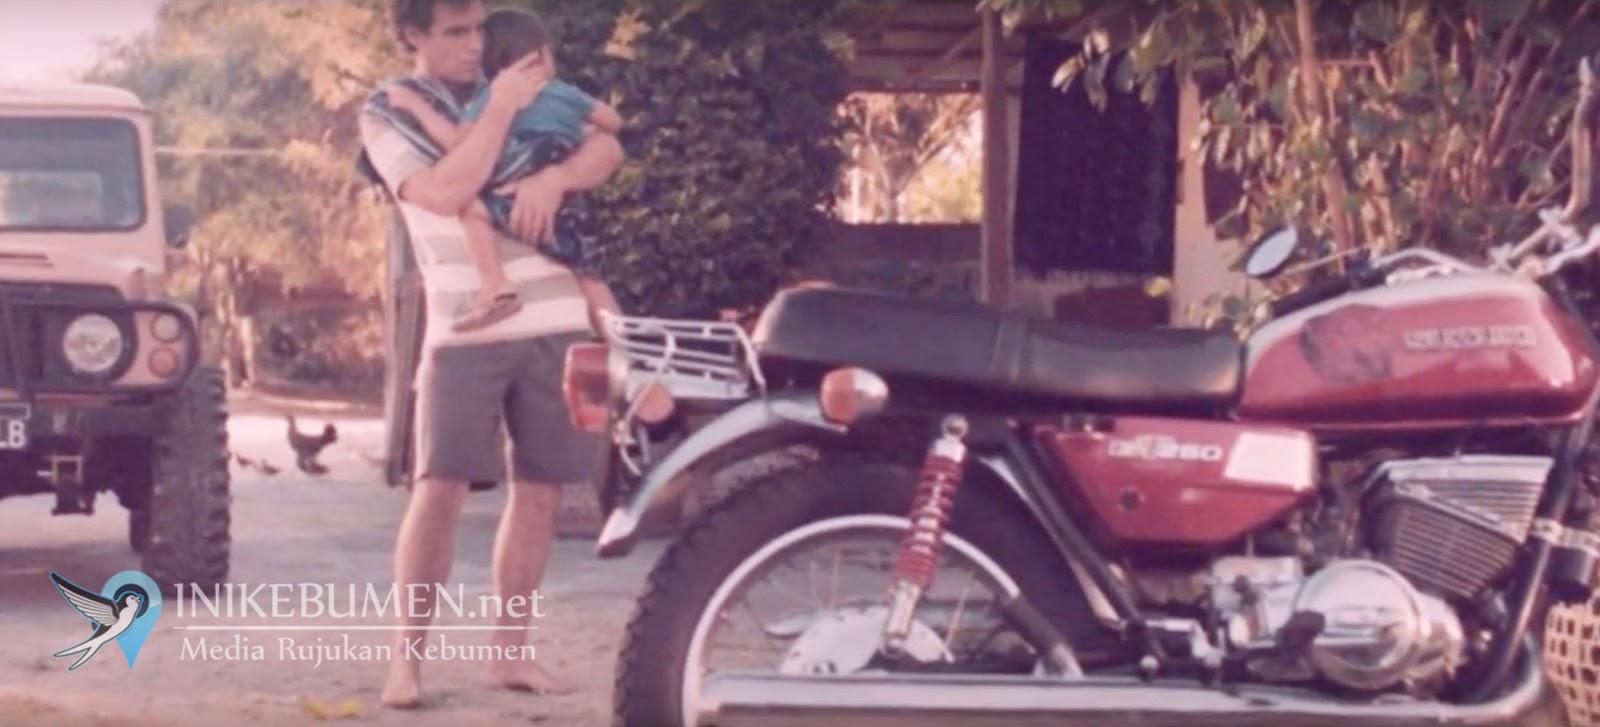 #MySuzukiStory, Jadi Motivasi Suzuki Bikin Model Baru